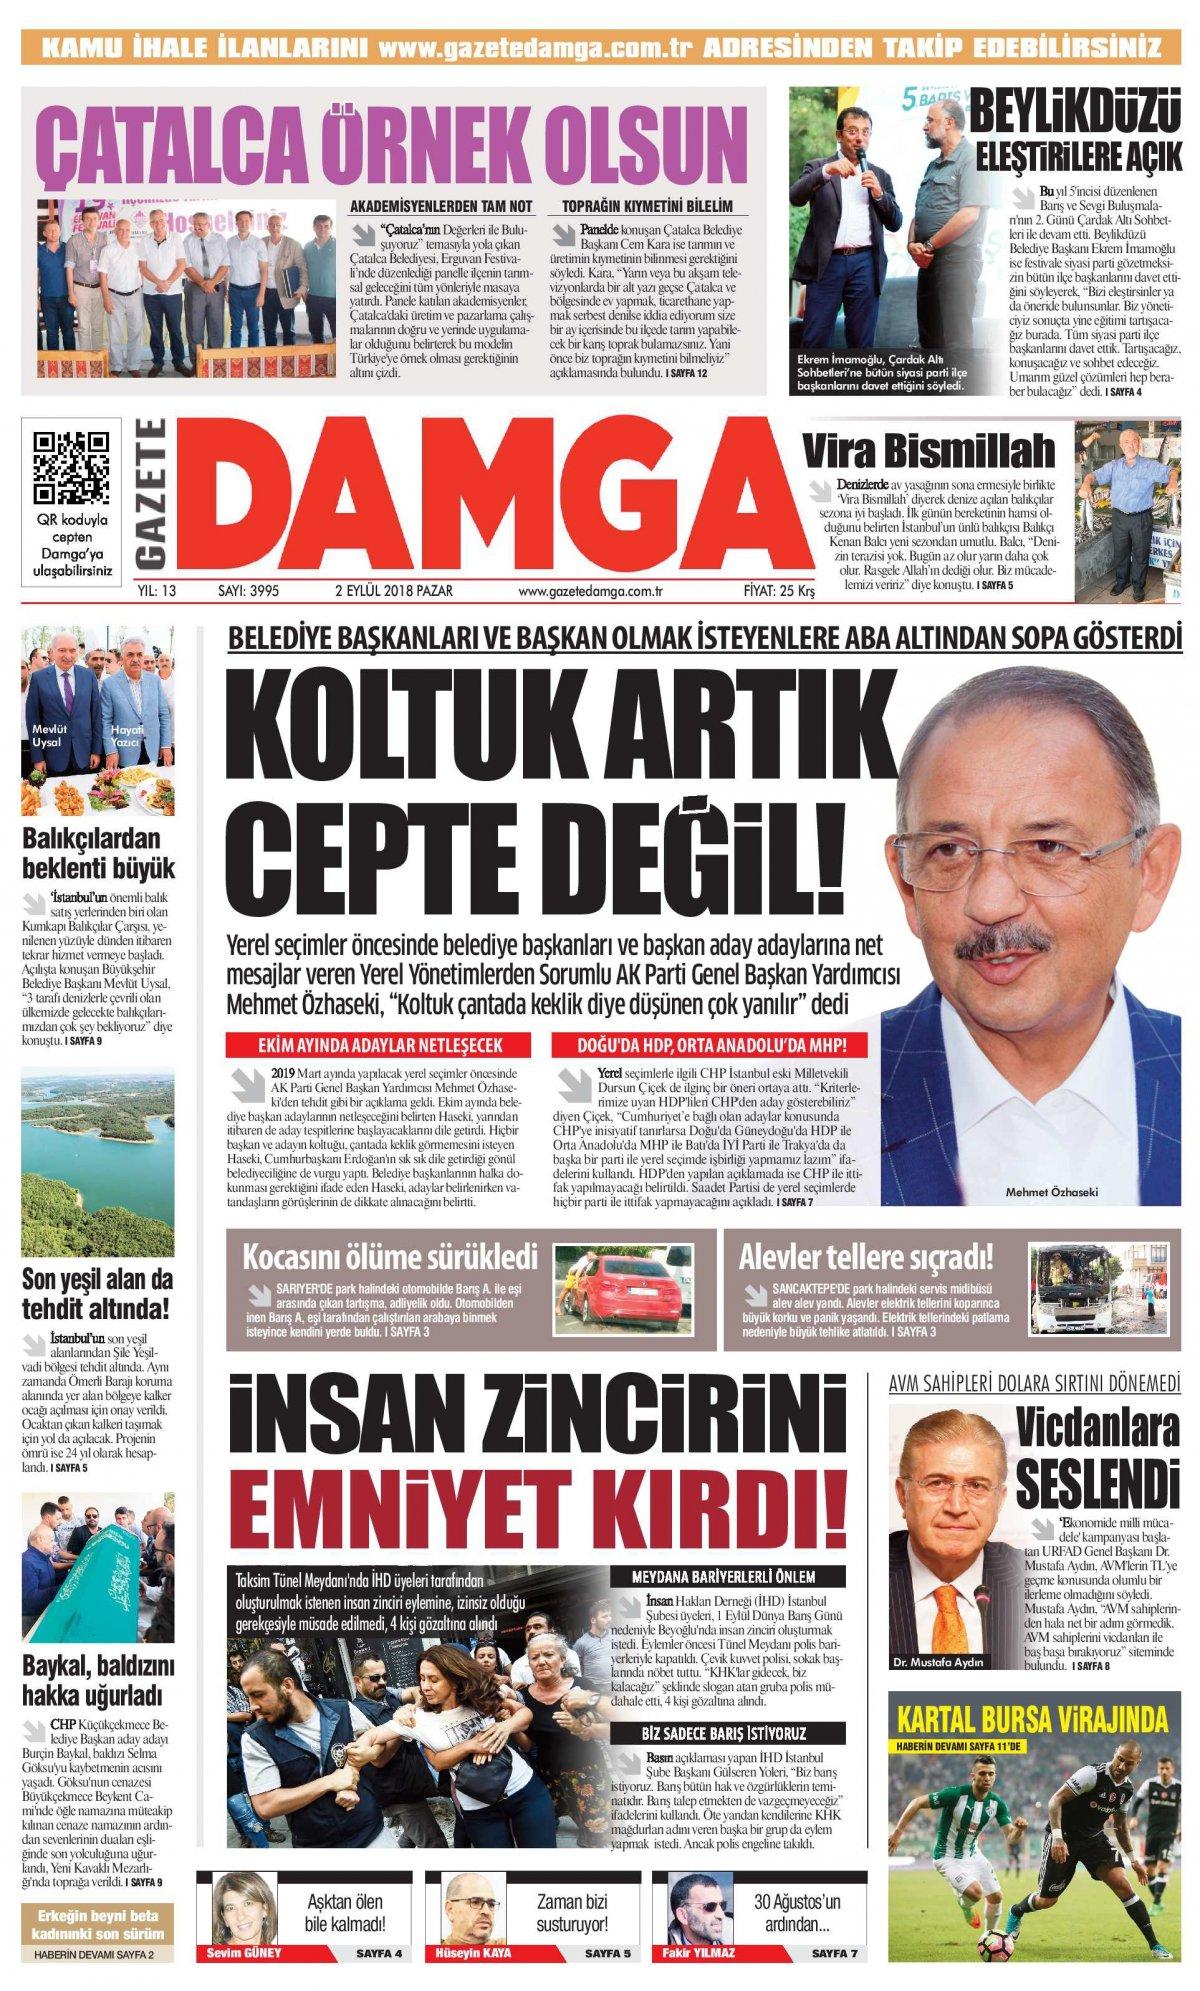 Gazete Damga - 02.09.2018 Manşeti